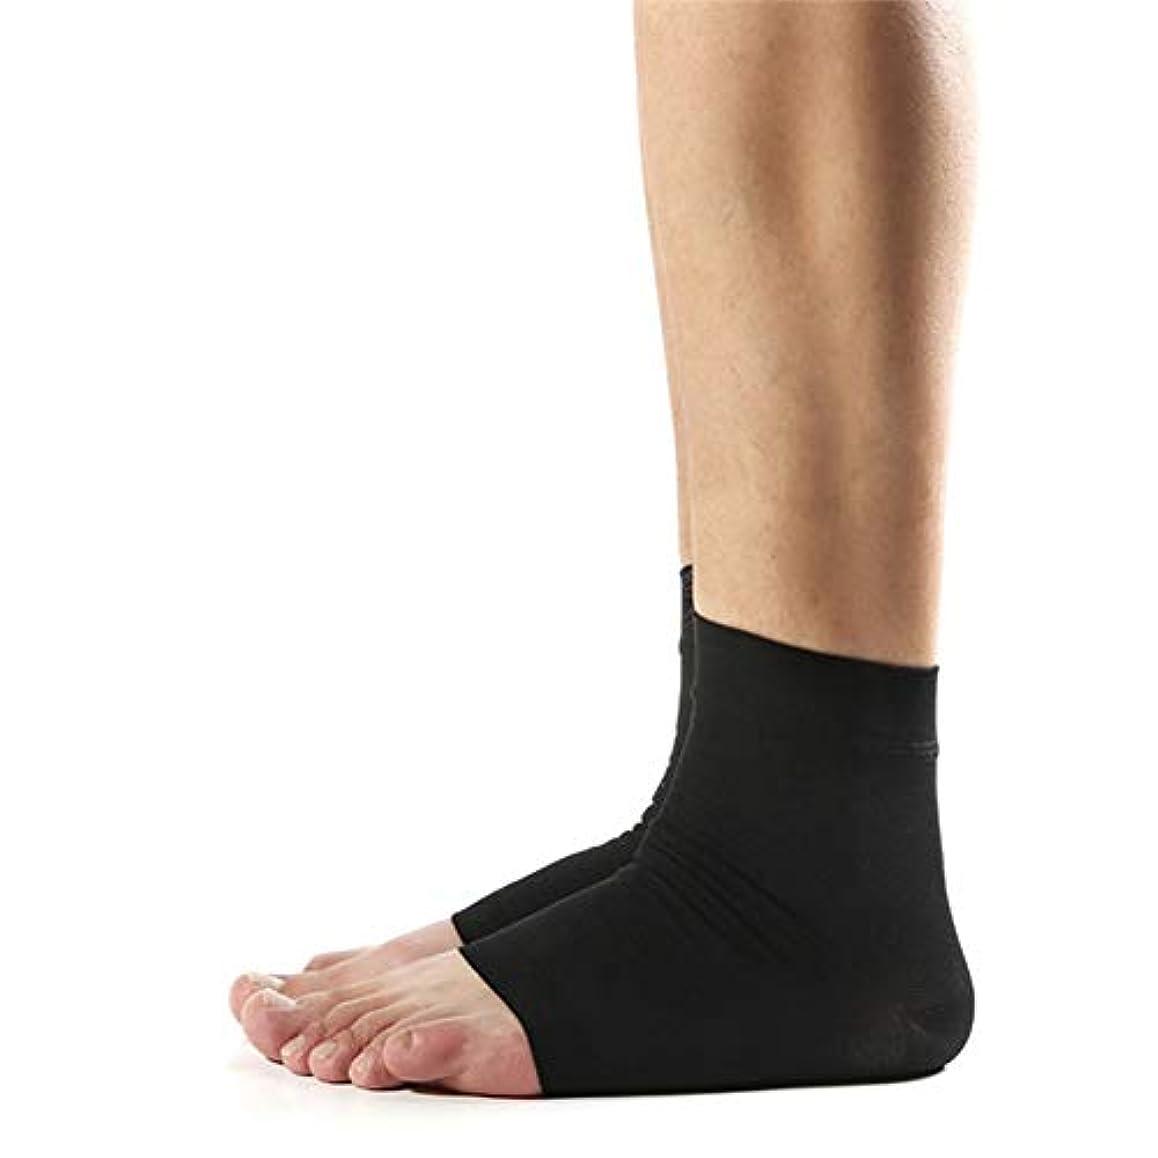 発明する摂動誤解を招くかかと保護弾性靴下(1ペア)、ハイヒールを破裂させるためのかかと保護装置、足底筋膜炎の緩和、かかとの拍車,黒,M